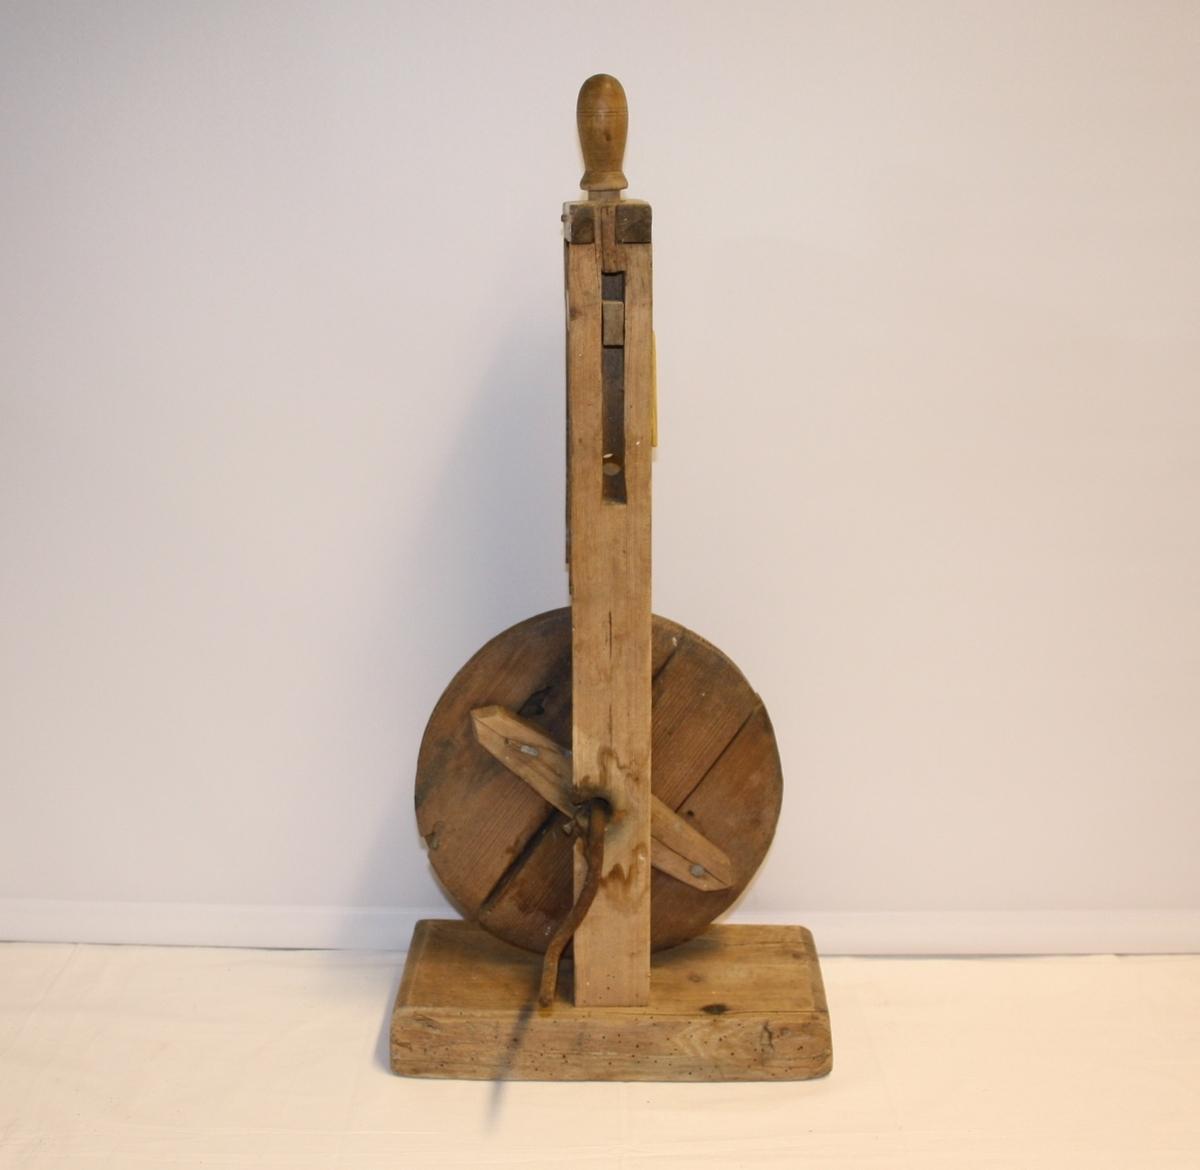 Spolehjul, bordmodell. Vertikalt montert spolehjulmed sveiv i og står på ein trekloss.